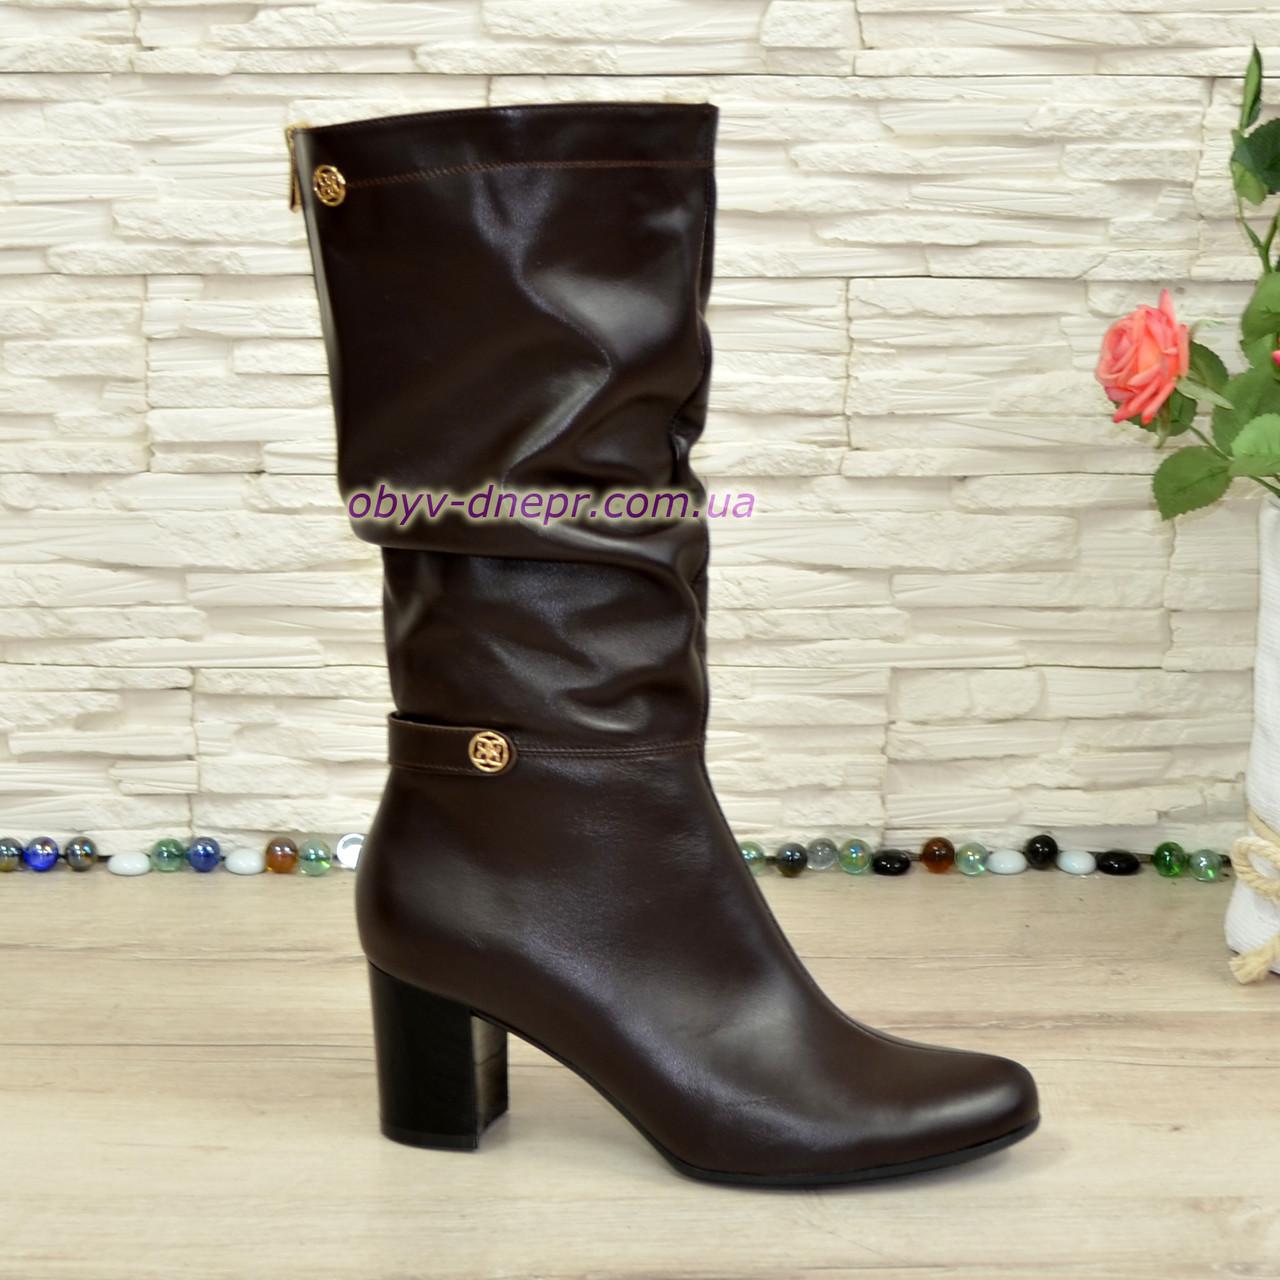 Зимние кожаные женские сапоги на невысоком каблуке, цвет коричневый